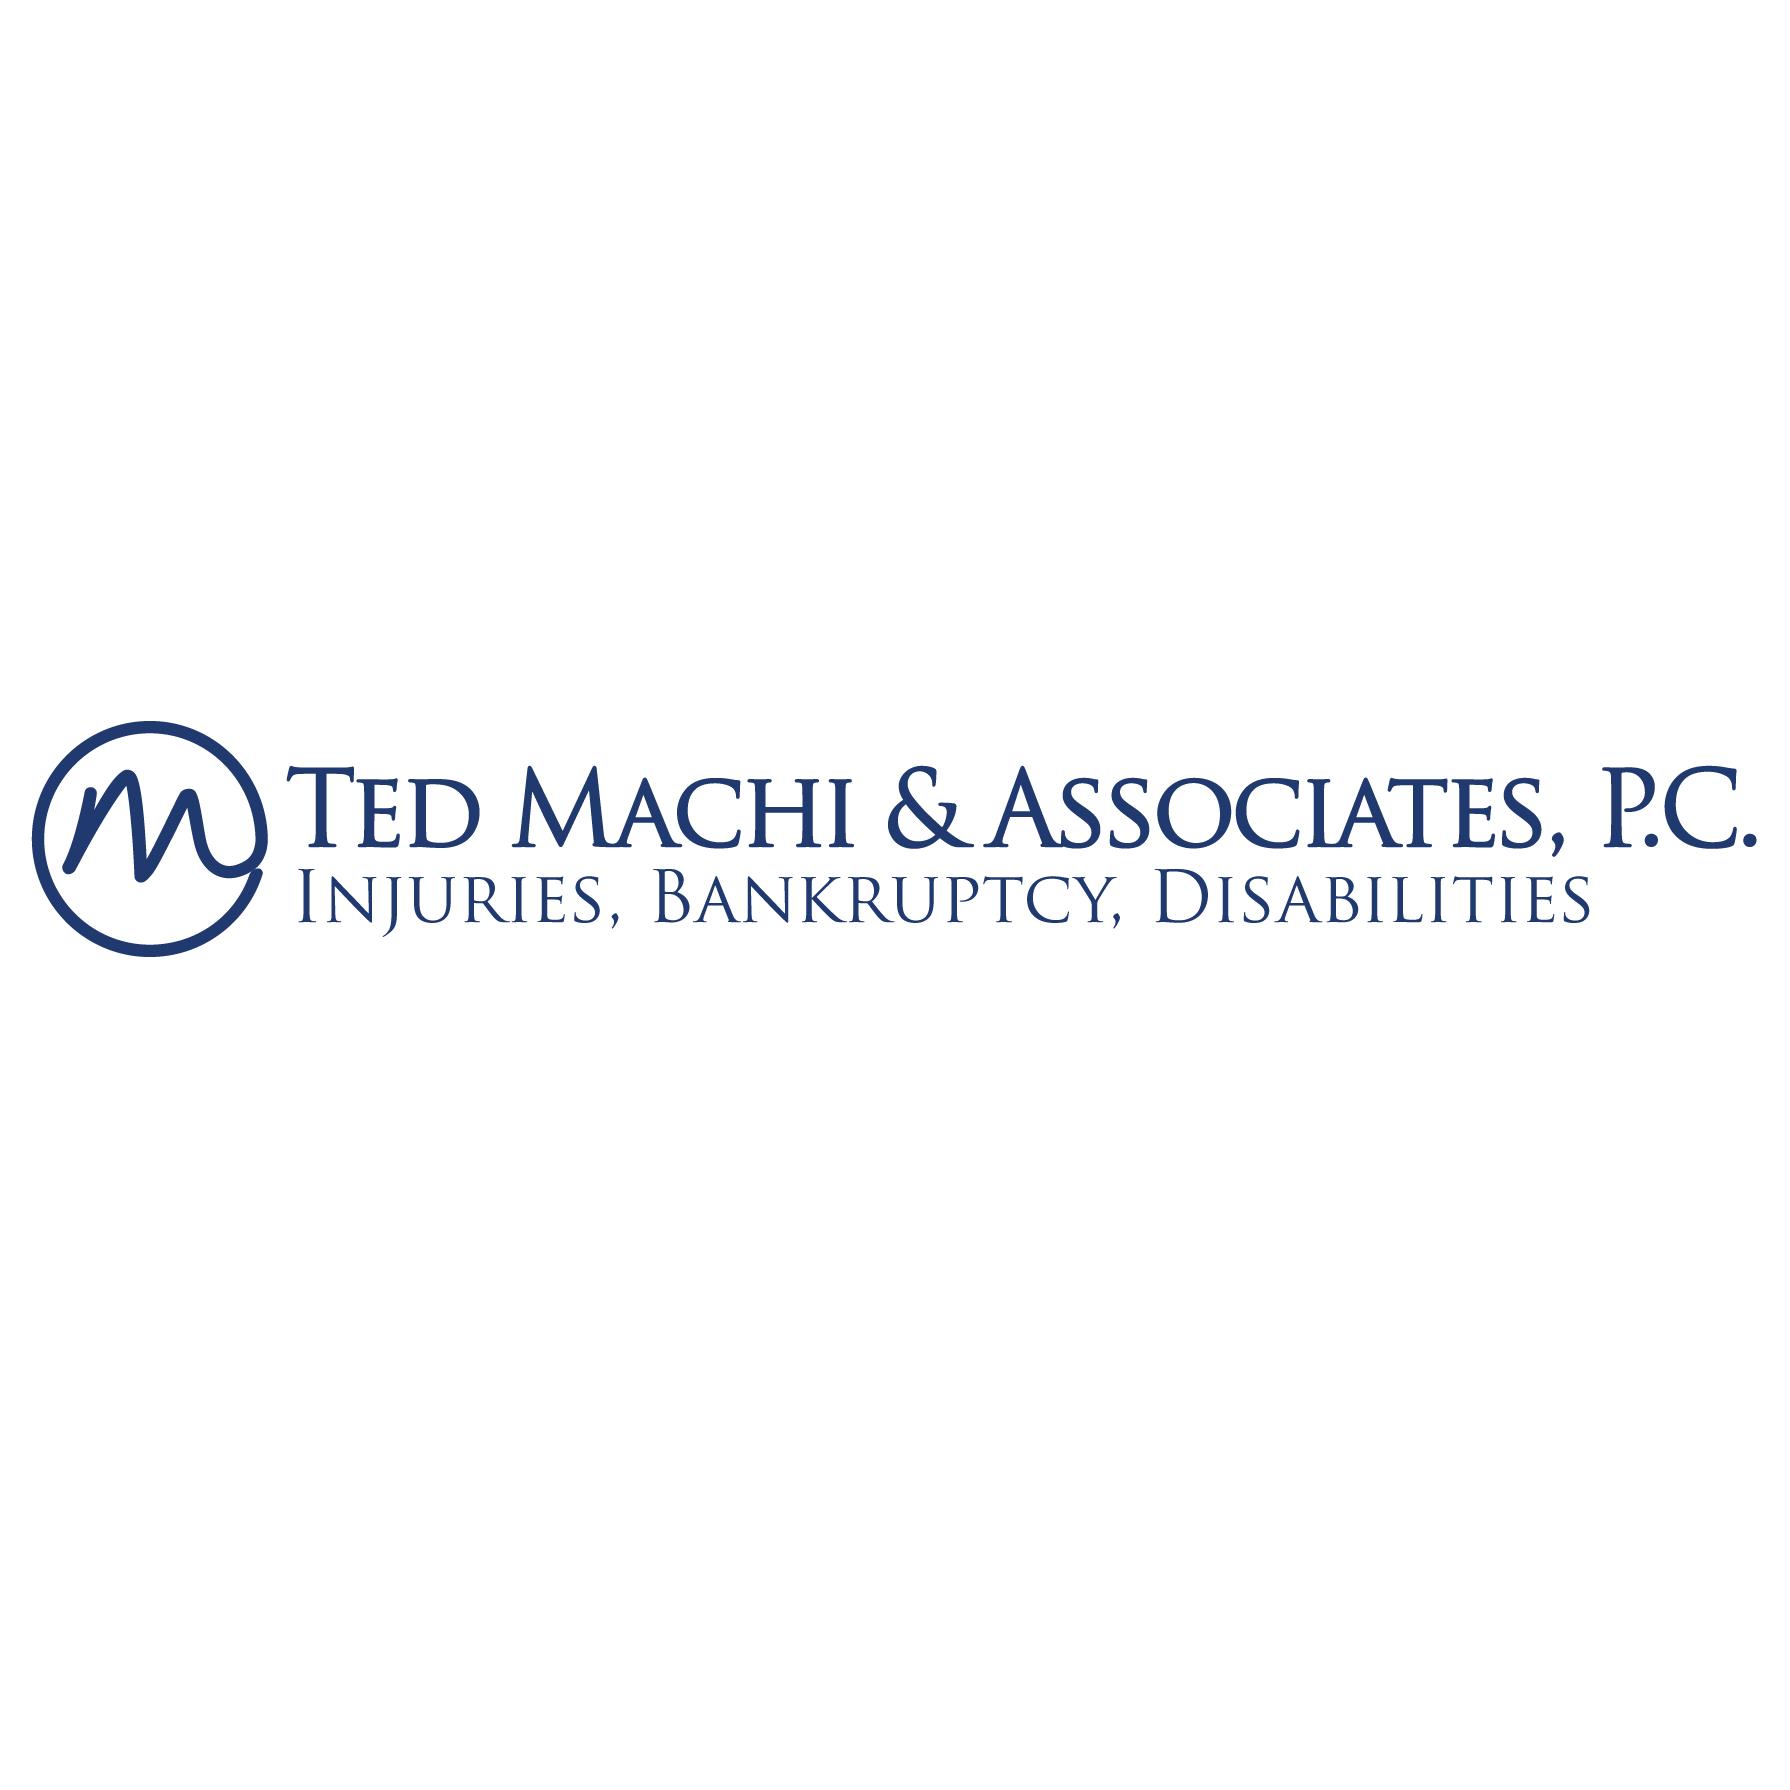 Ted Machi & Associates, P.C.